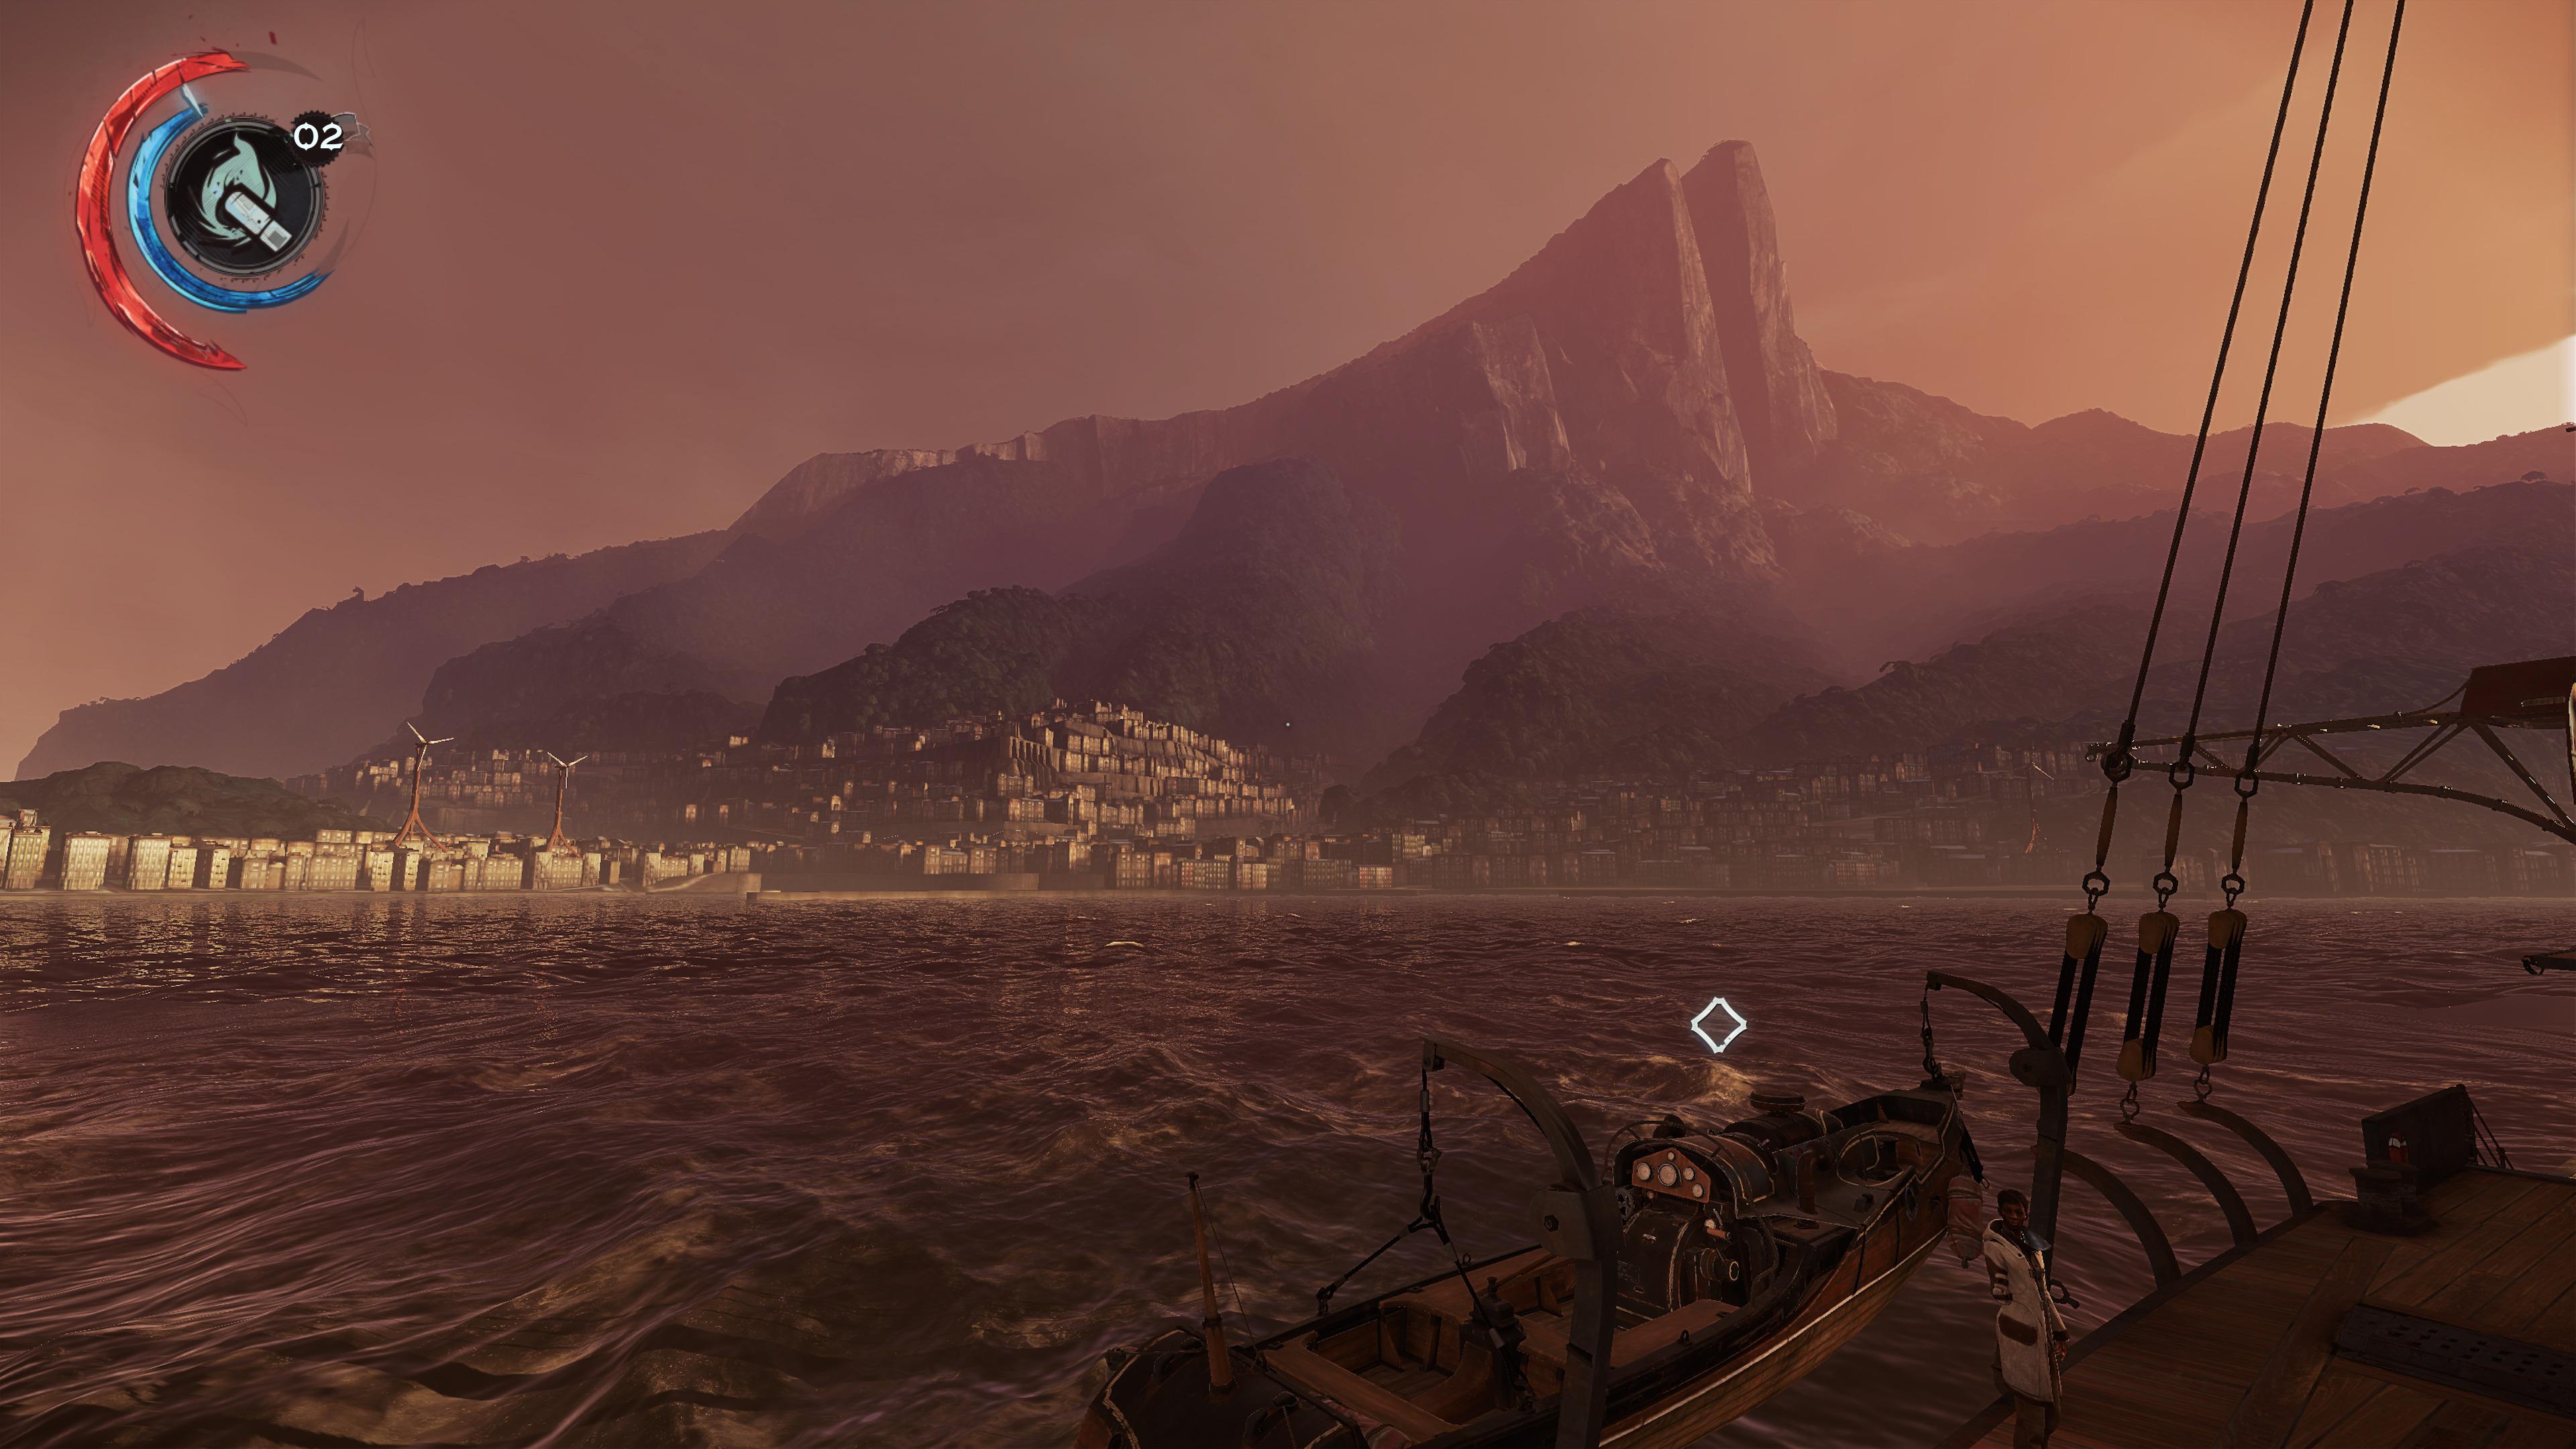 Capture d'écran depuis le bateau du jeu